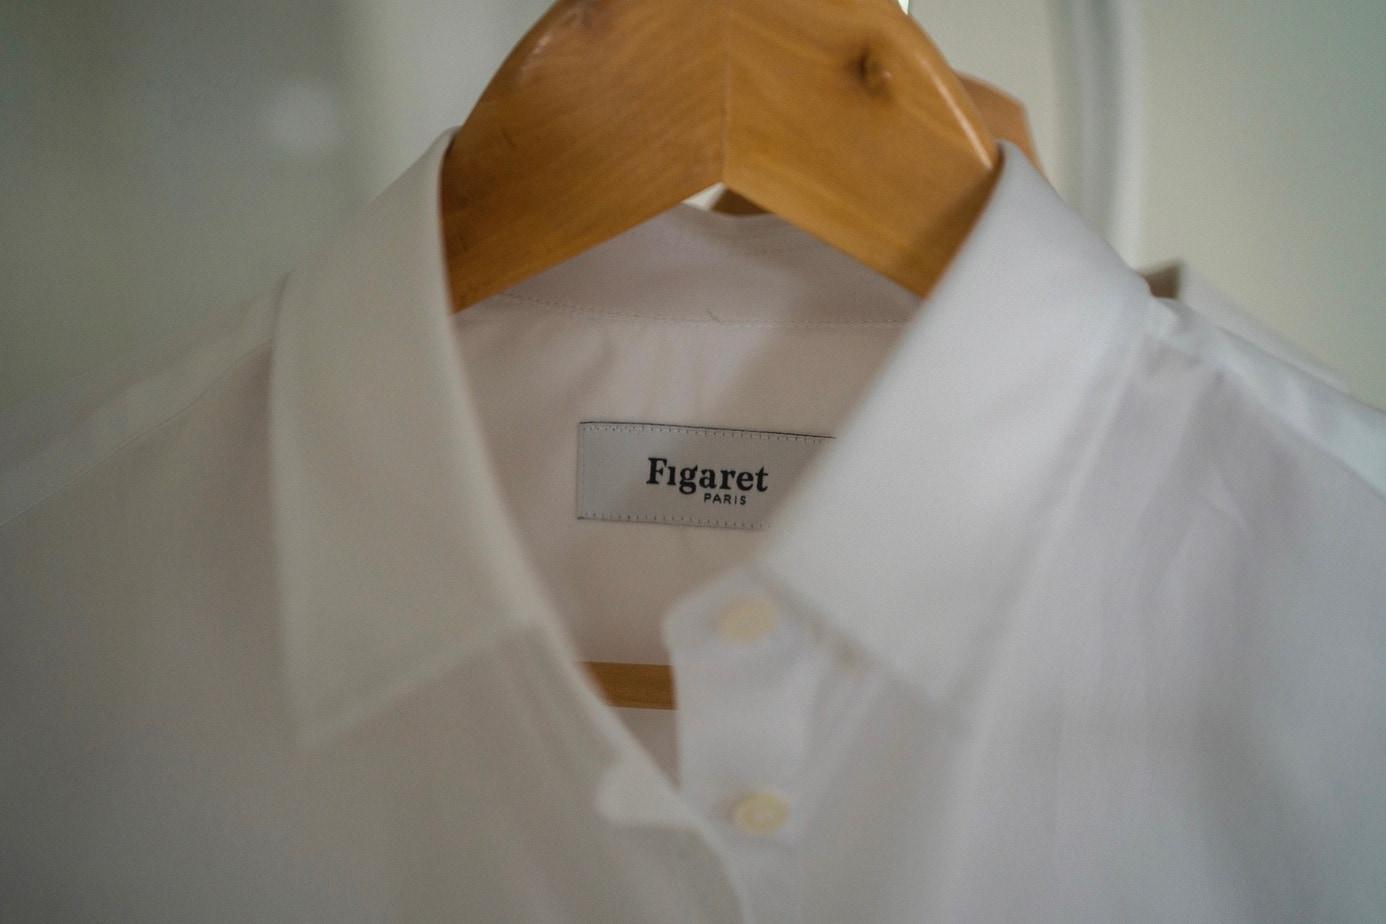 Trouver la chemise blanche idéale   8 marques au banc d essai - Le ... 6aa9bd2049b4